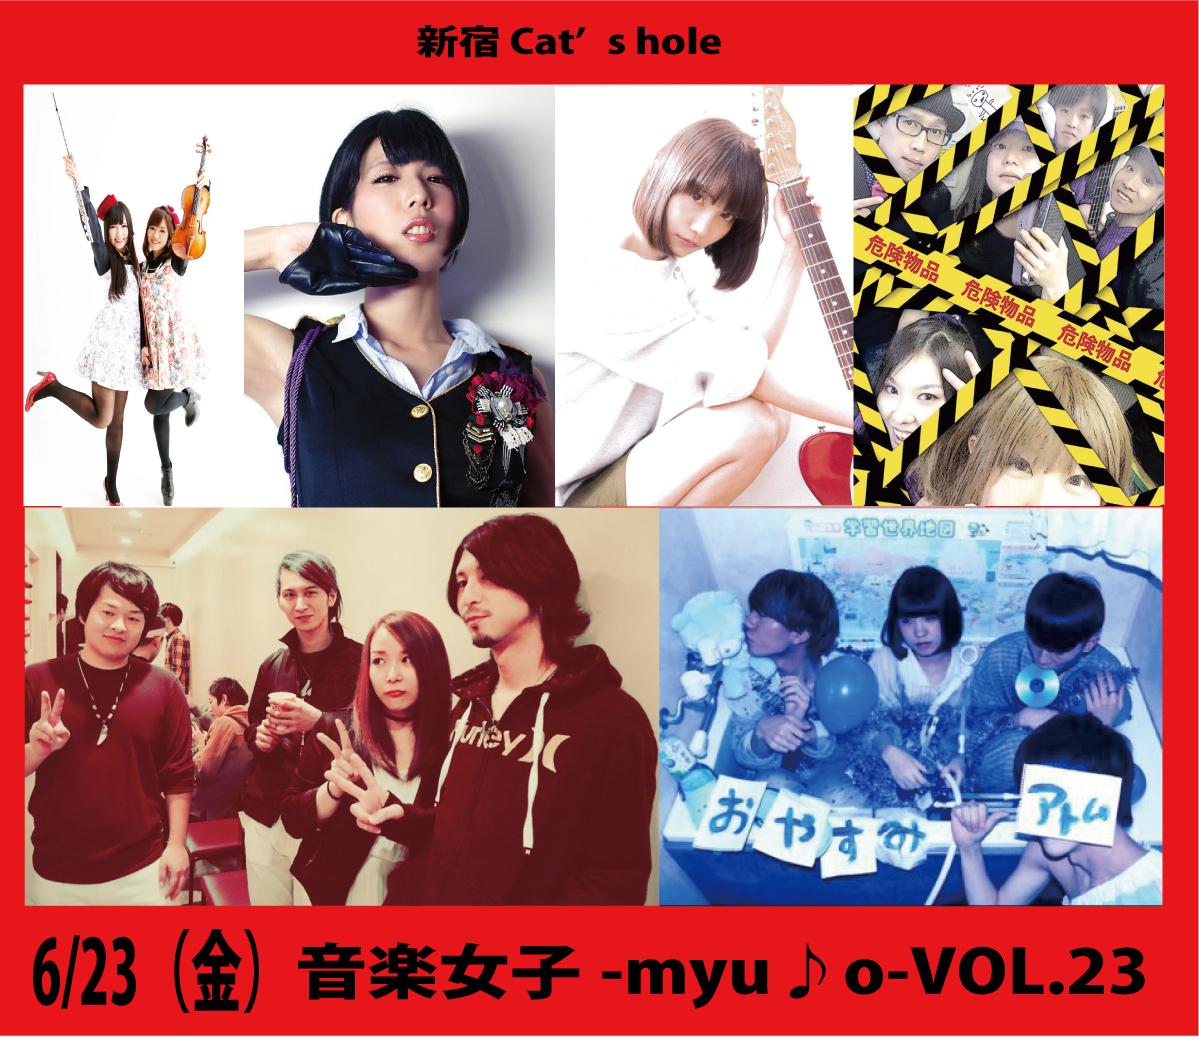 音楽女子-myu♪o-VOL.23